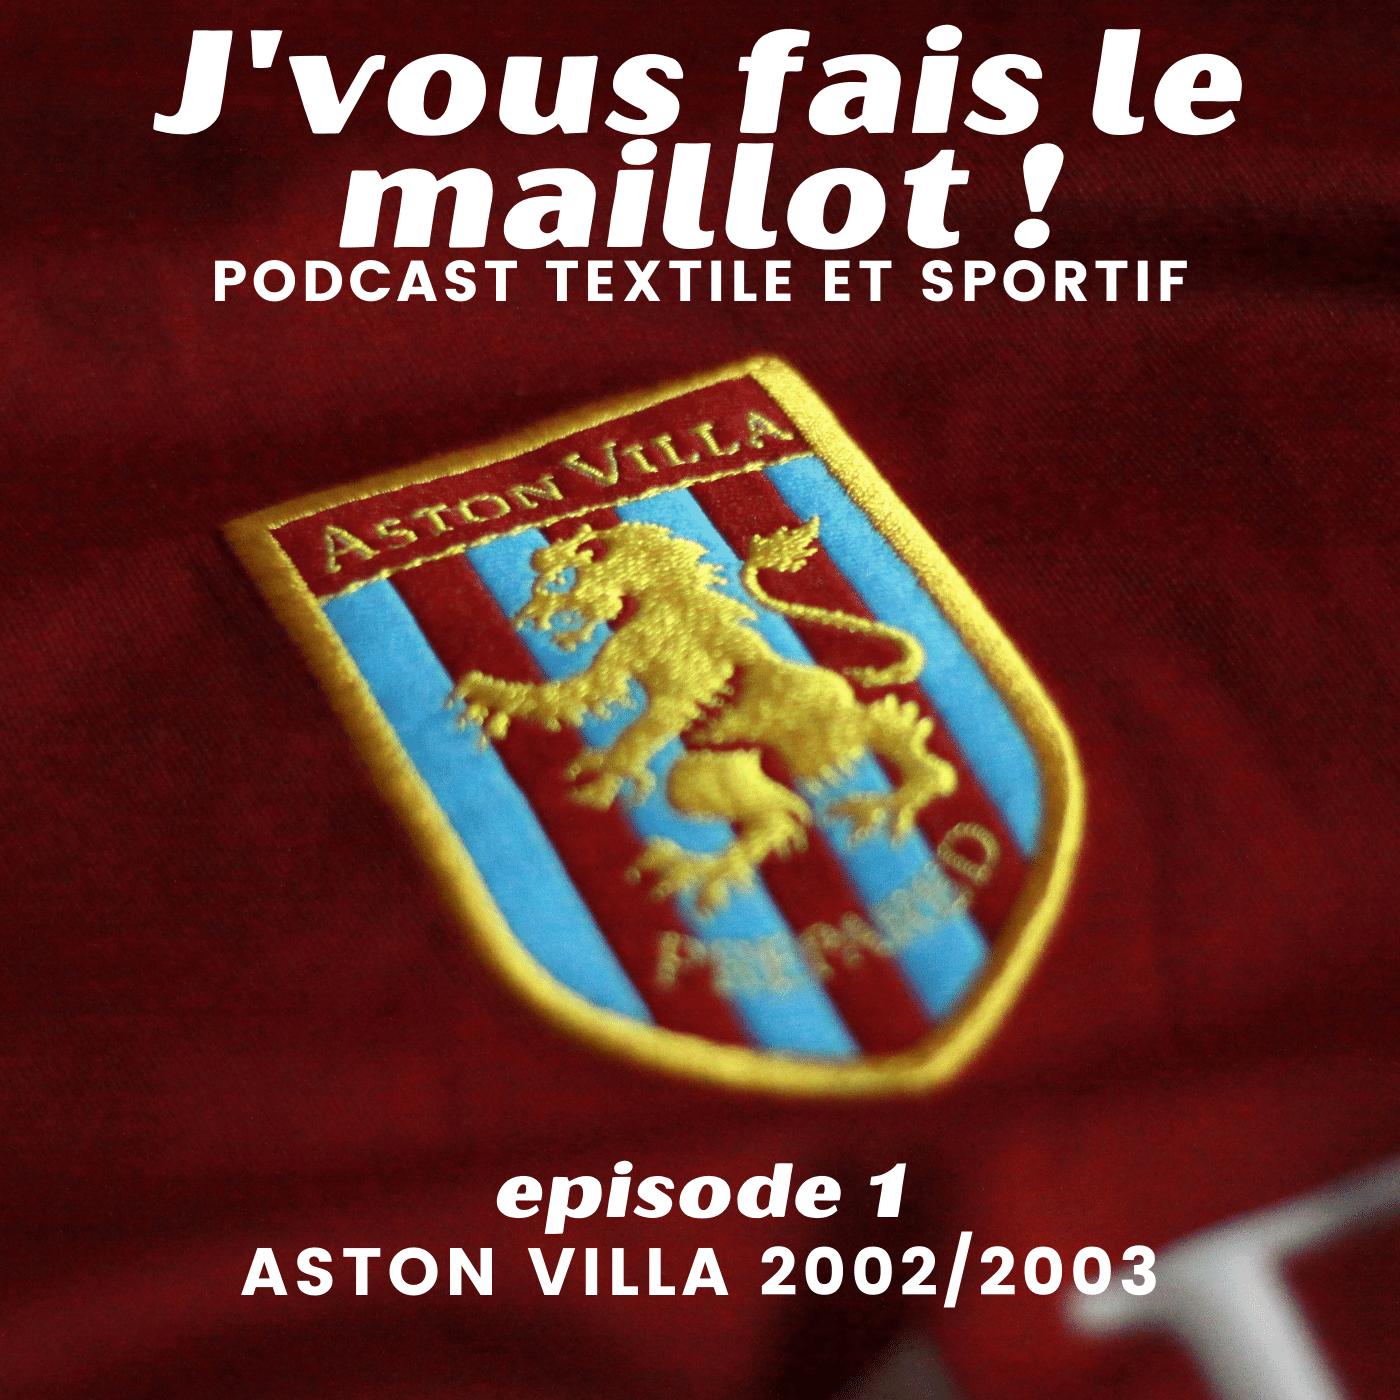 Episode 1 - Aston Villa 2002/2003